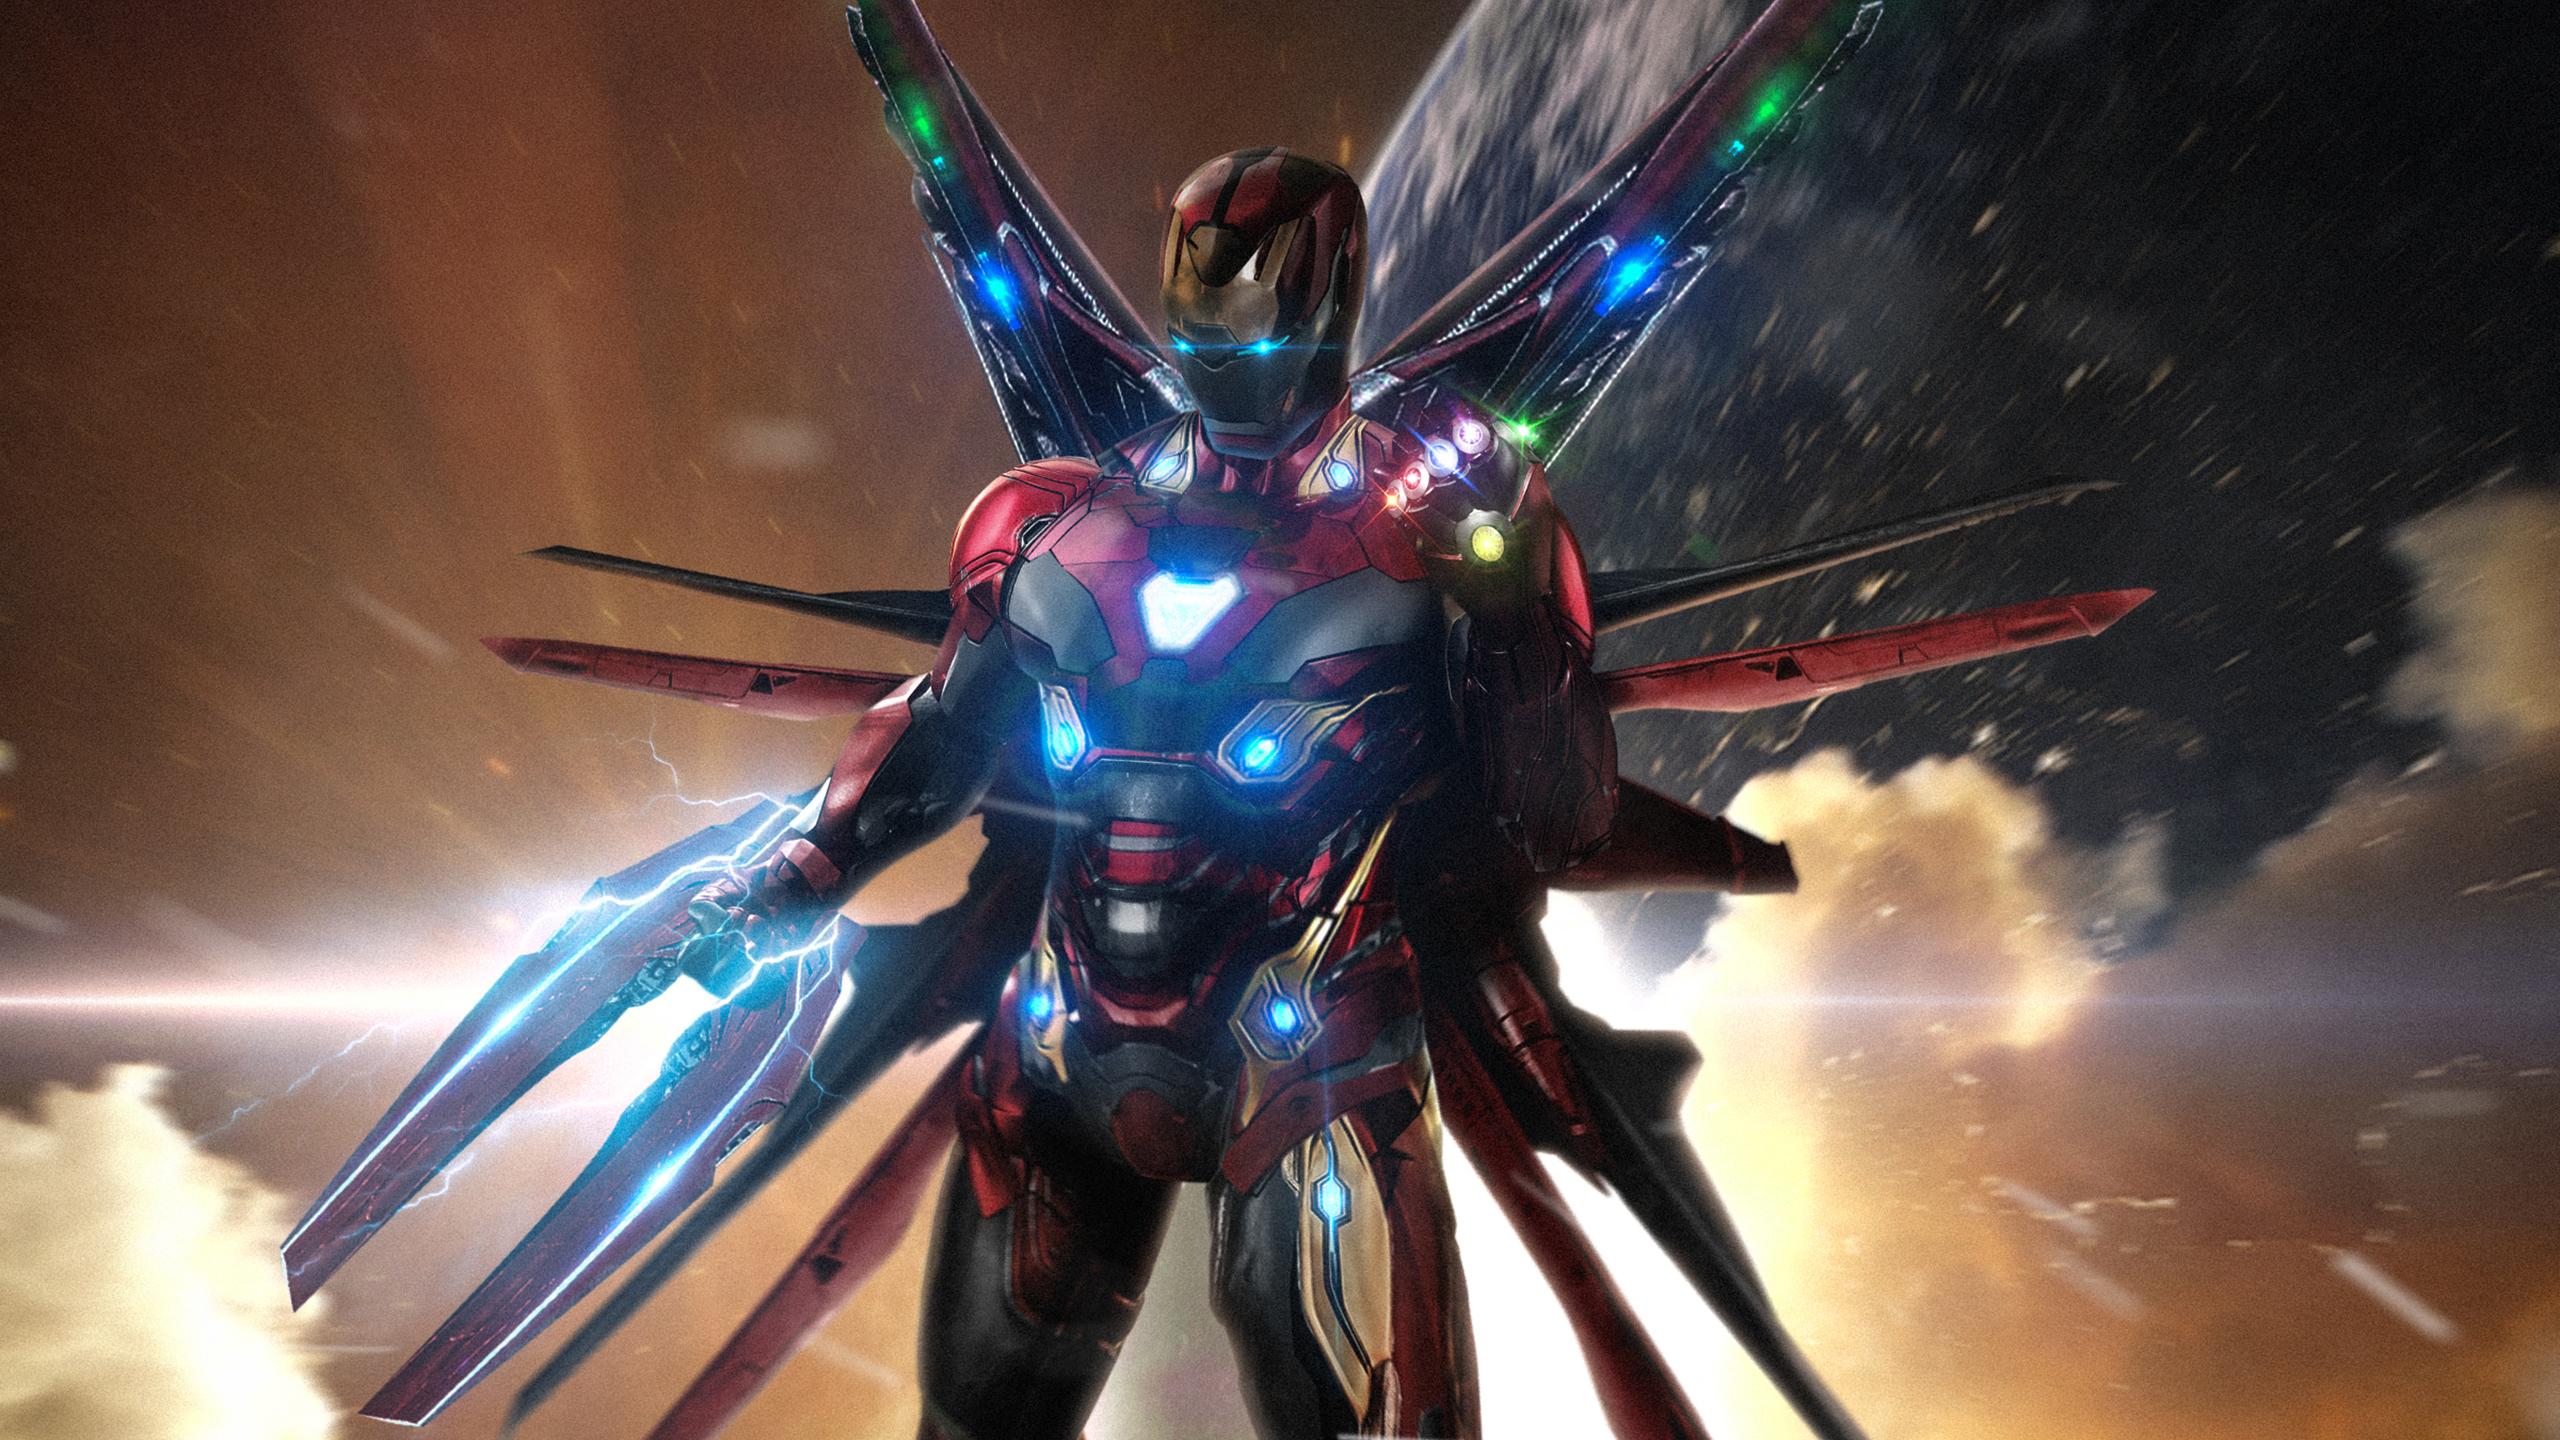 Iron man hd wallpaper background image 2560x1440 id for Sfondi iron man